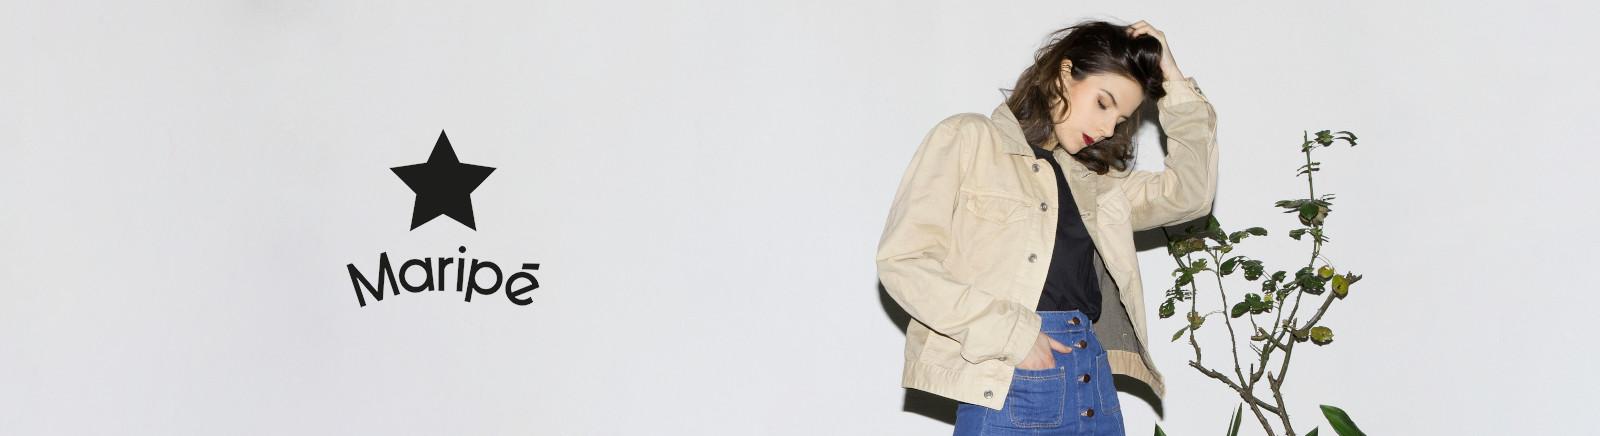 Juppen: Maripé Winterboots für Damen online shoppen